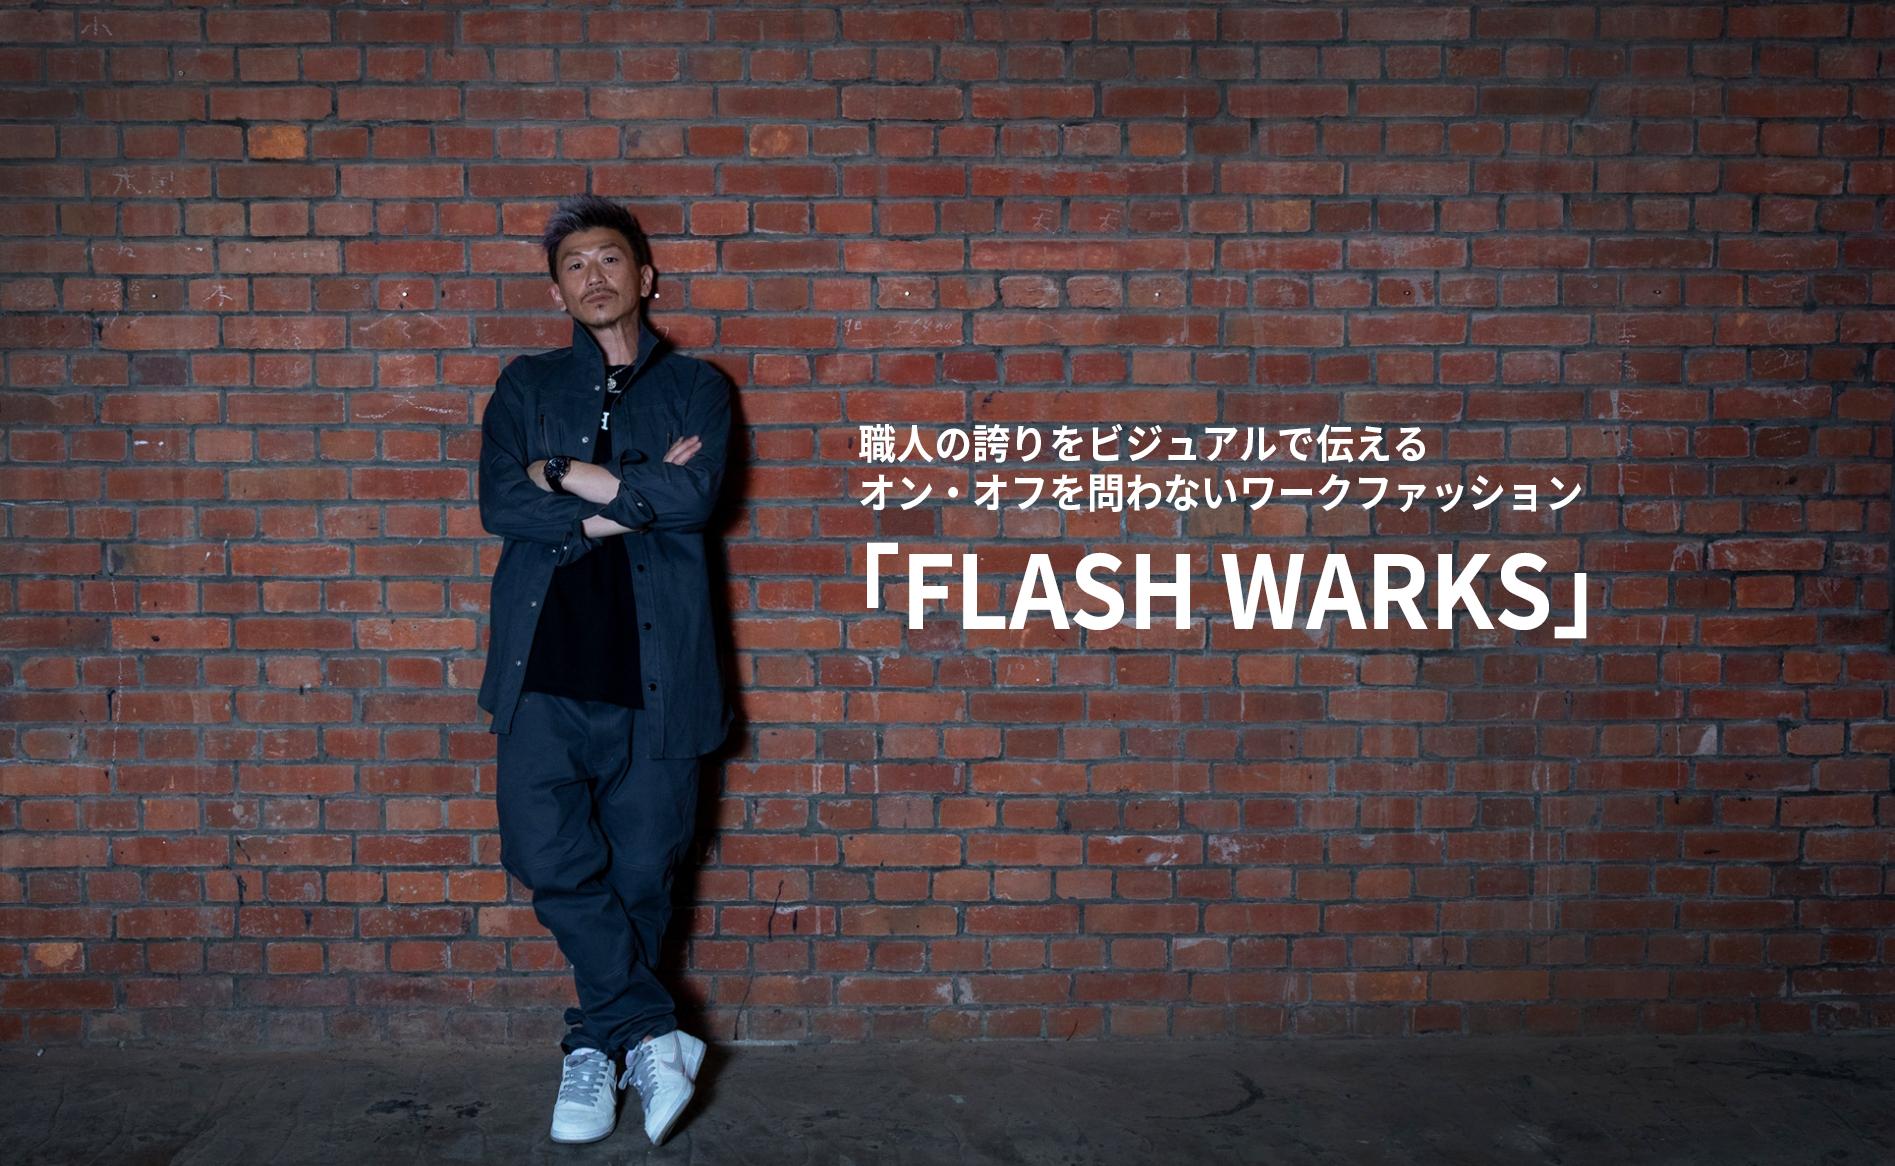 職人の誇りをビジュアルで伝えるオン・オフを問わないワークファッション「FLASH WARKS」